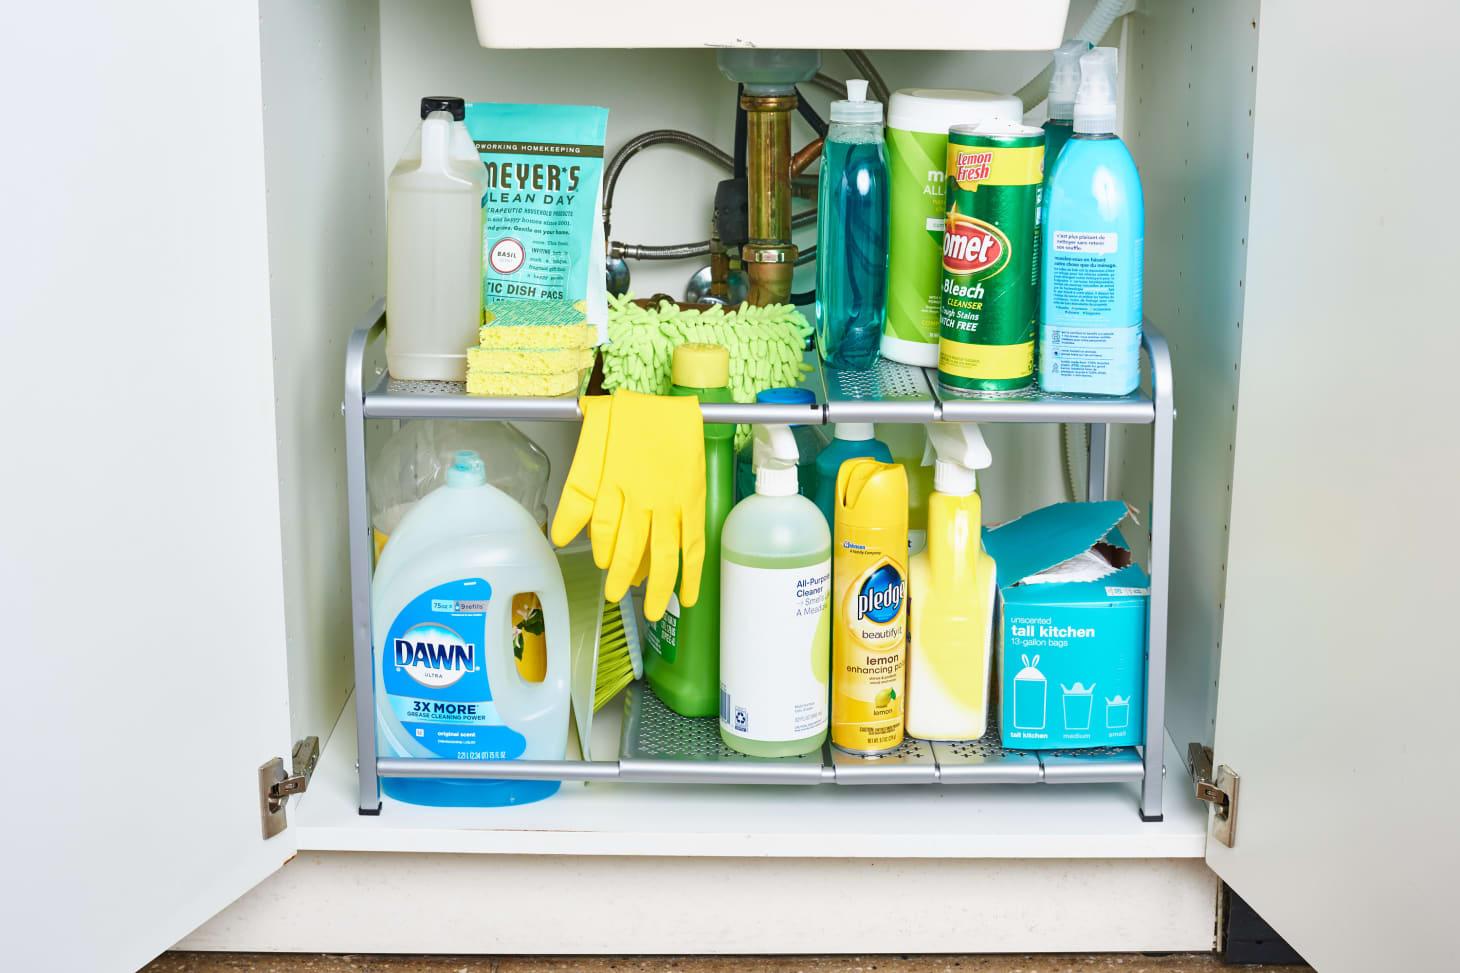 предметы, которые не нужно хранить в кухонном шкафу под раковиной фото 1